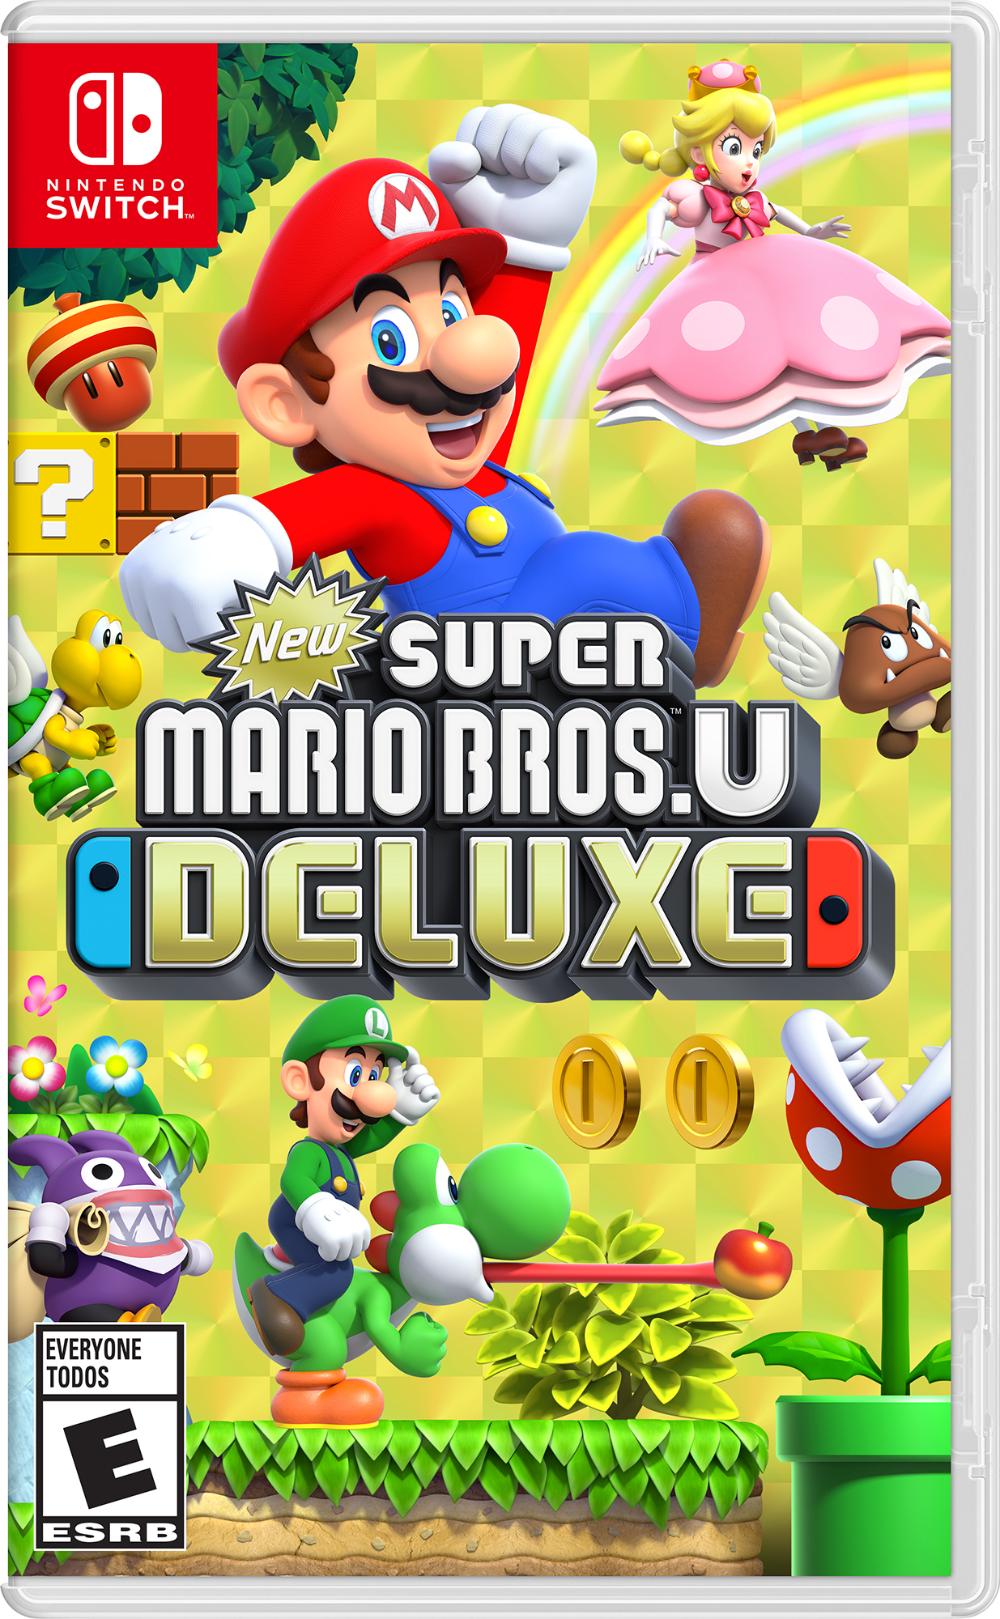 New Super Mario Bros U Deluxe Nintendo Nintendo Switch 045496592691 Walmart Com Nintendo Switch Super Mario Mario Bros Super Mario Bros